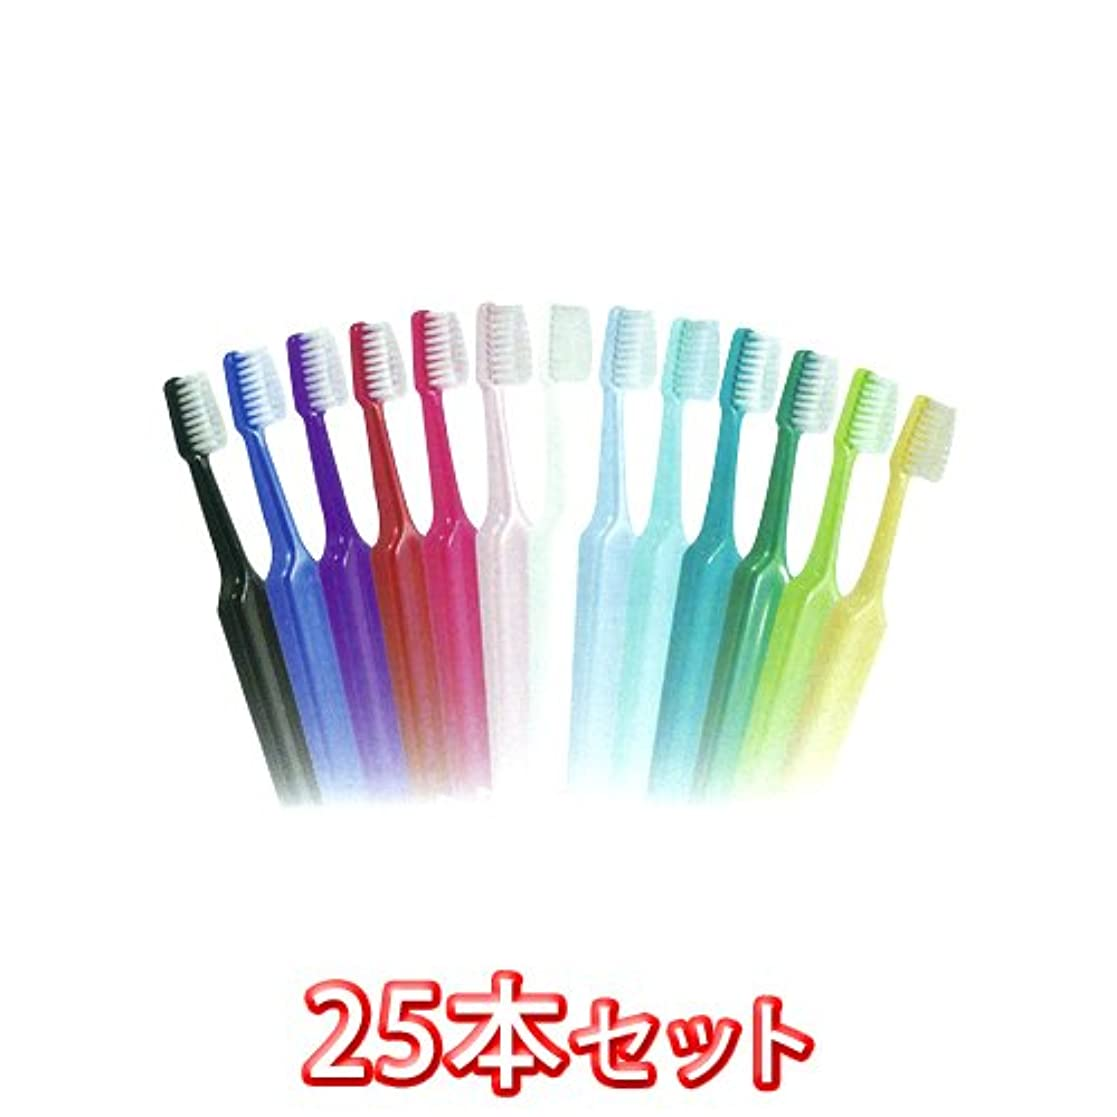 弾丸製造暴徒TePe (テペ) セレクトミディアム 歯ブラシ 25本入